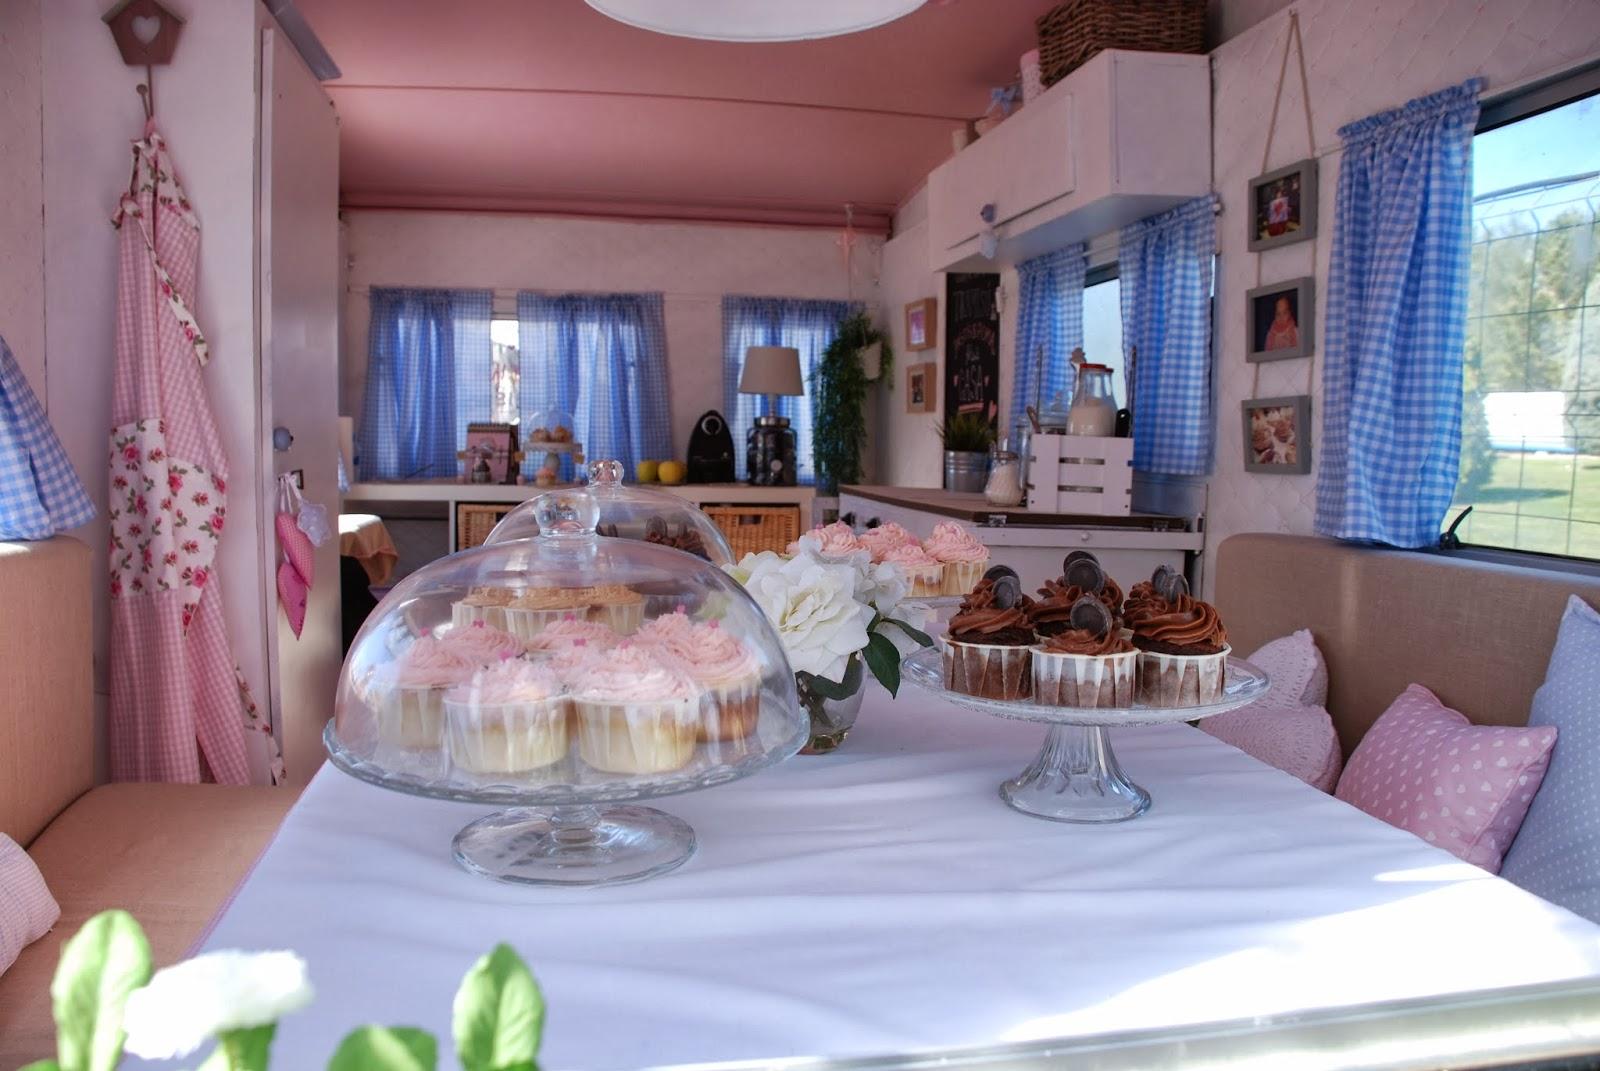 Mi hogar de patchwork caravana de cupcakes - Decoracion interior caravanas ...